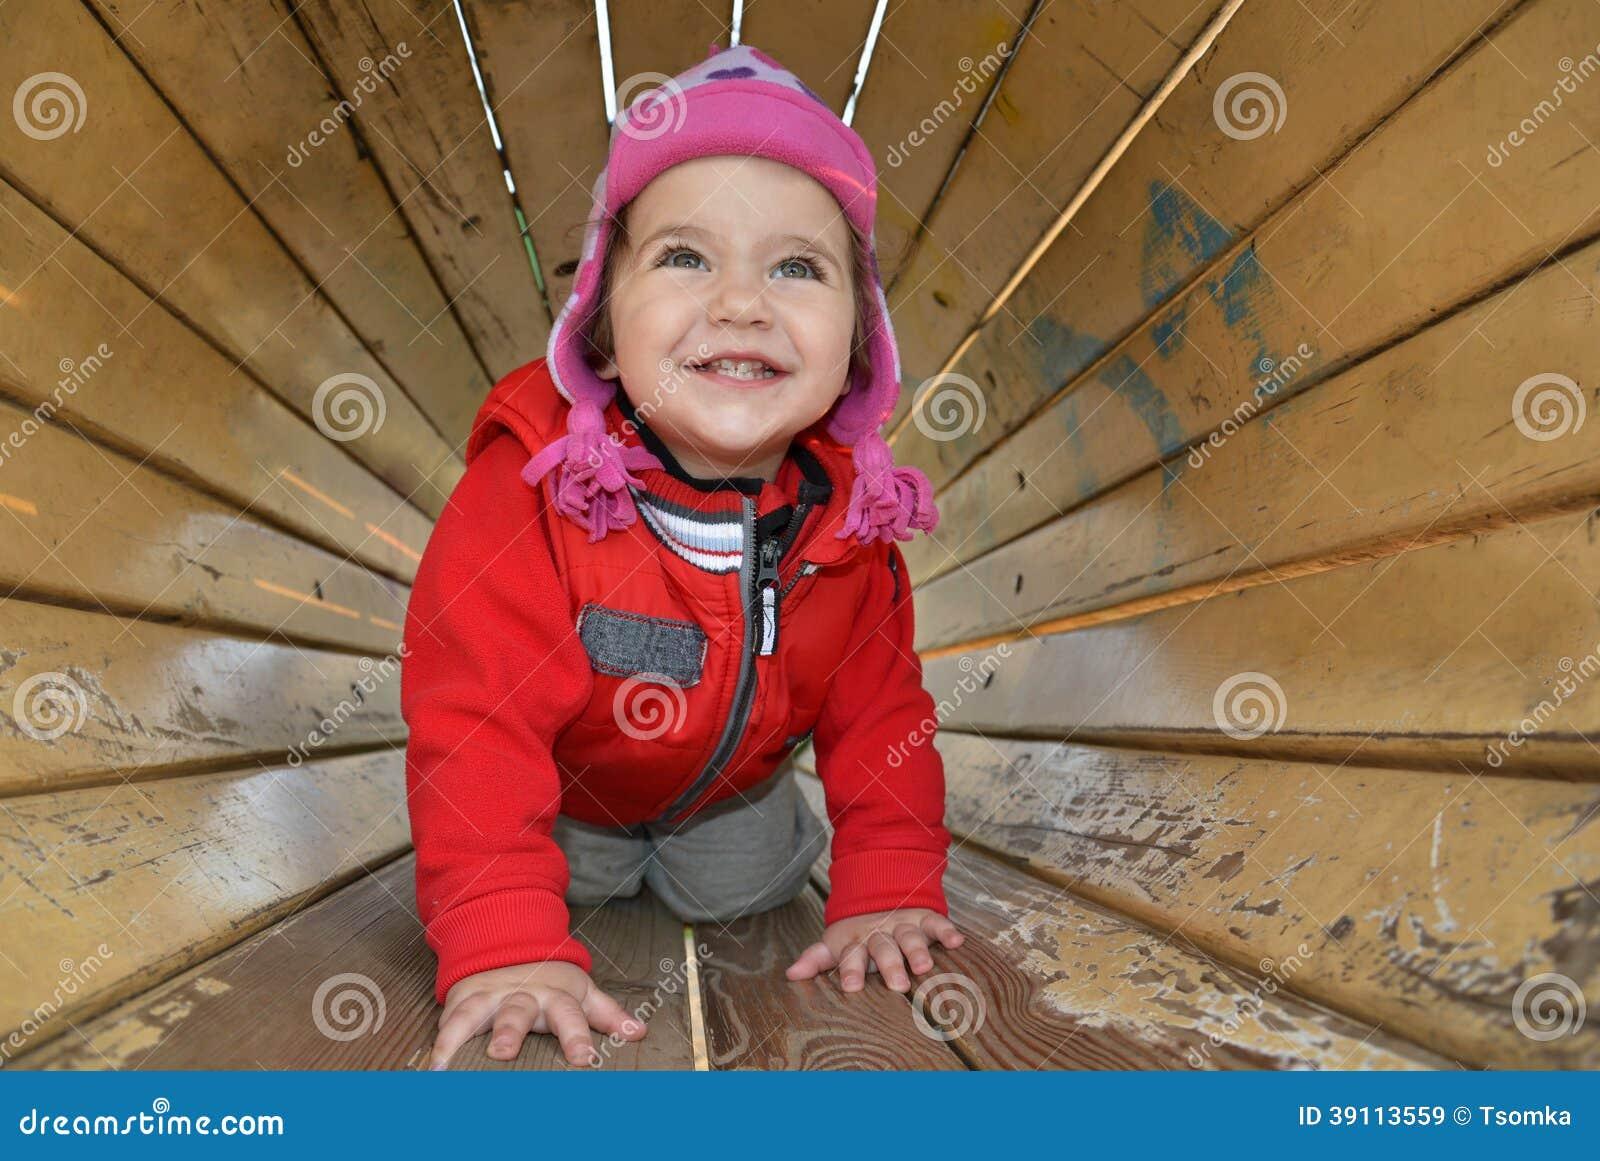 Een klein meisje die op de speelplaats spelen